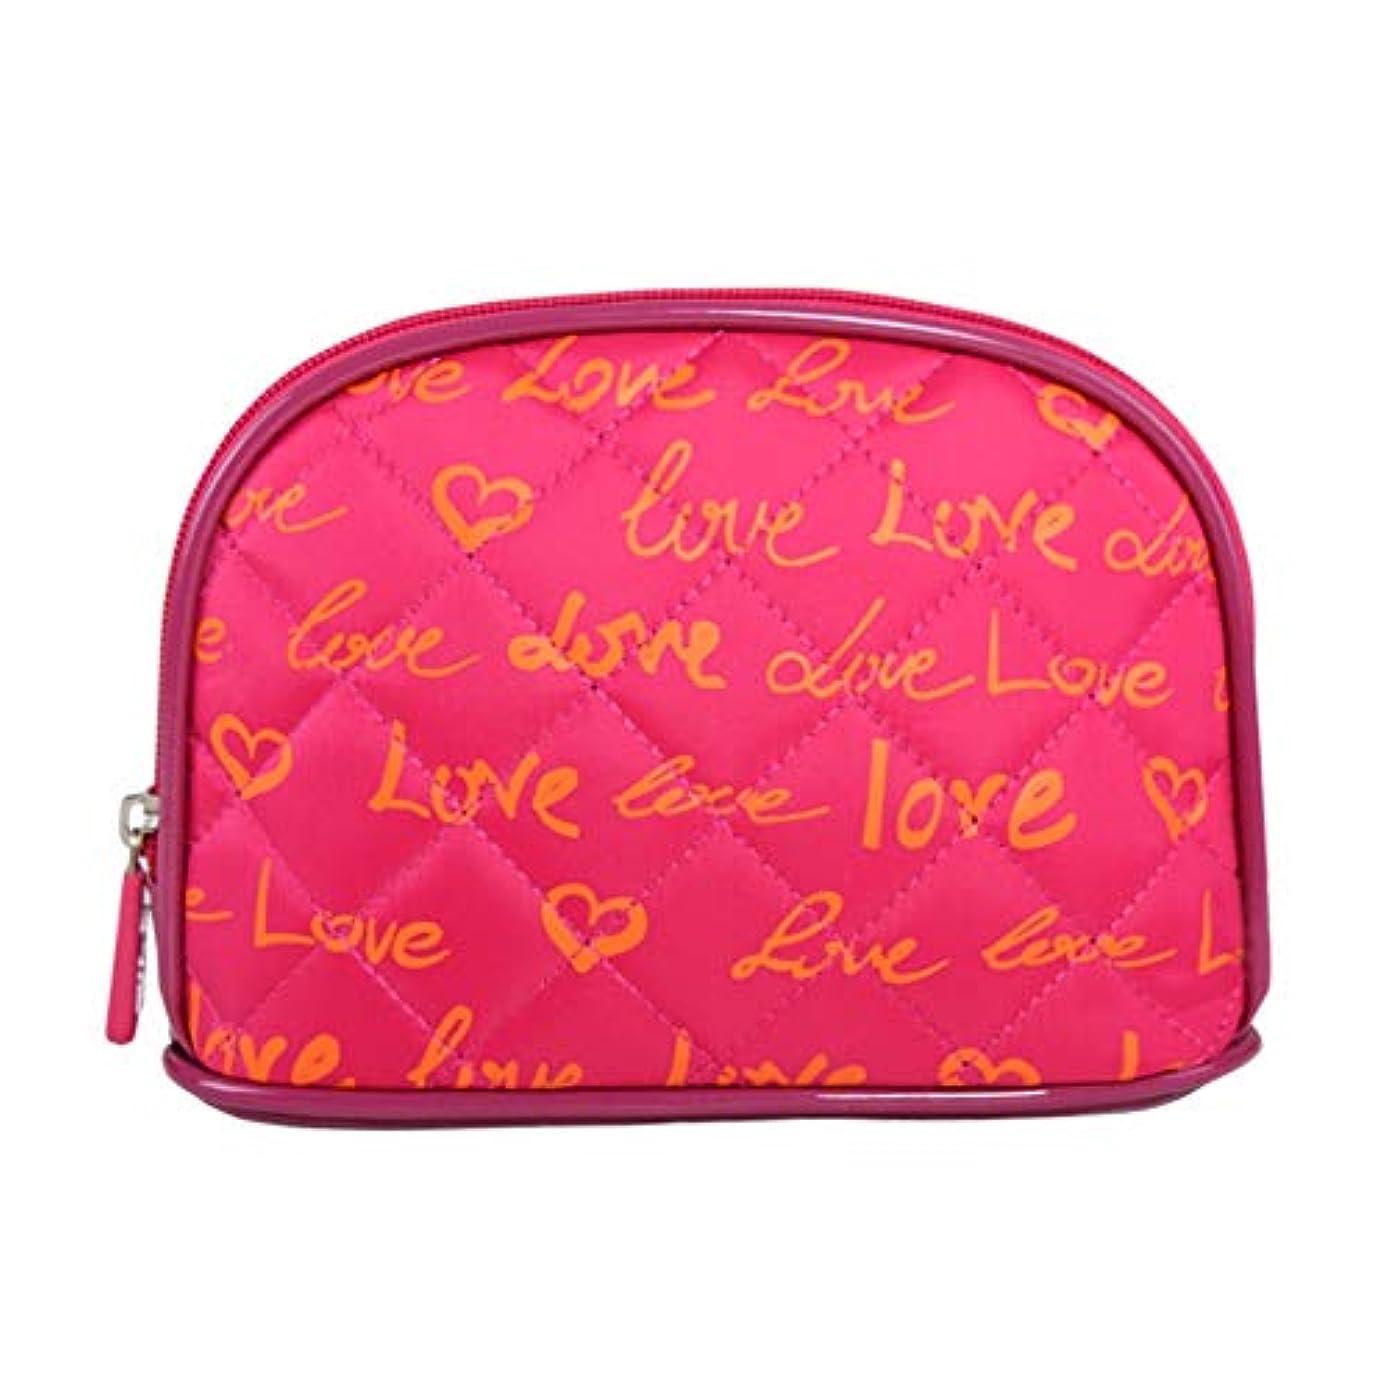 注文定期的なベール化粧オーガナイザーバッグ ポータブル防水化粧品袋印刷トップジッパーメークアップの場合旅行 化粧品ケース (色 : 赤)